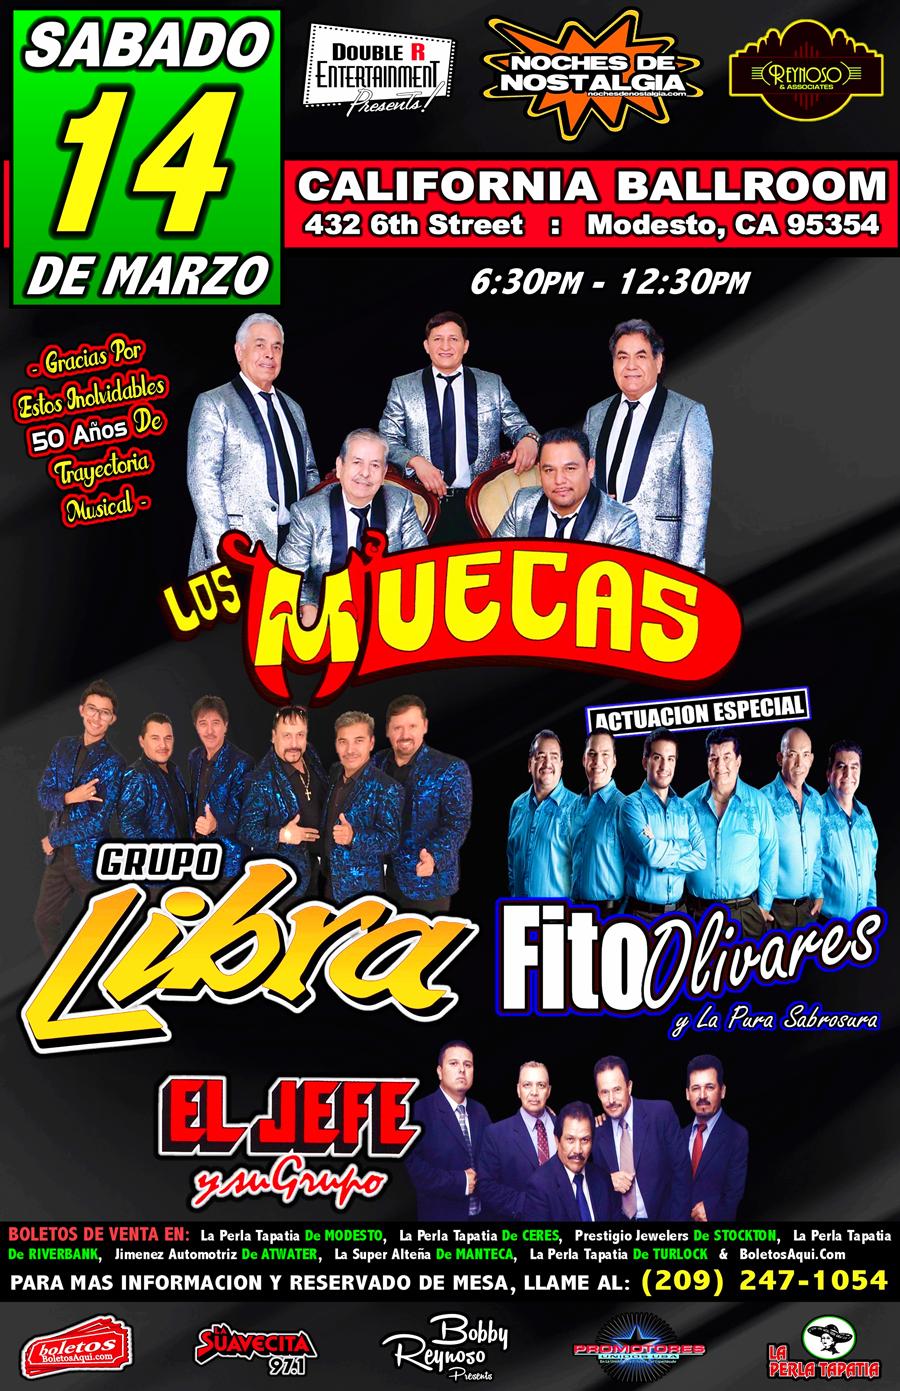 Los Muecas, Grupo Libra, El Jefe y su Grupo, y la actuacion especial de Fito Olivares y La Pura Sabrosura – California Ballroom de Modesto, CA